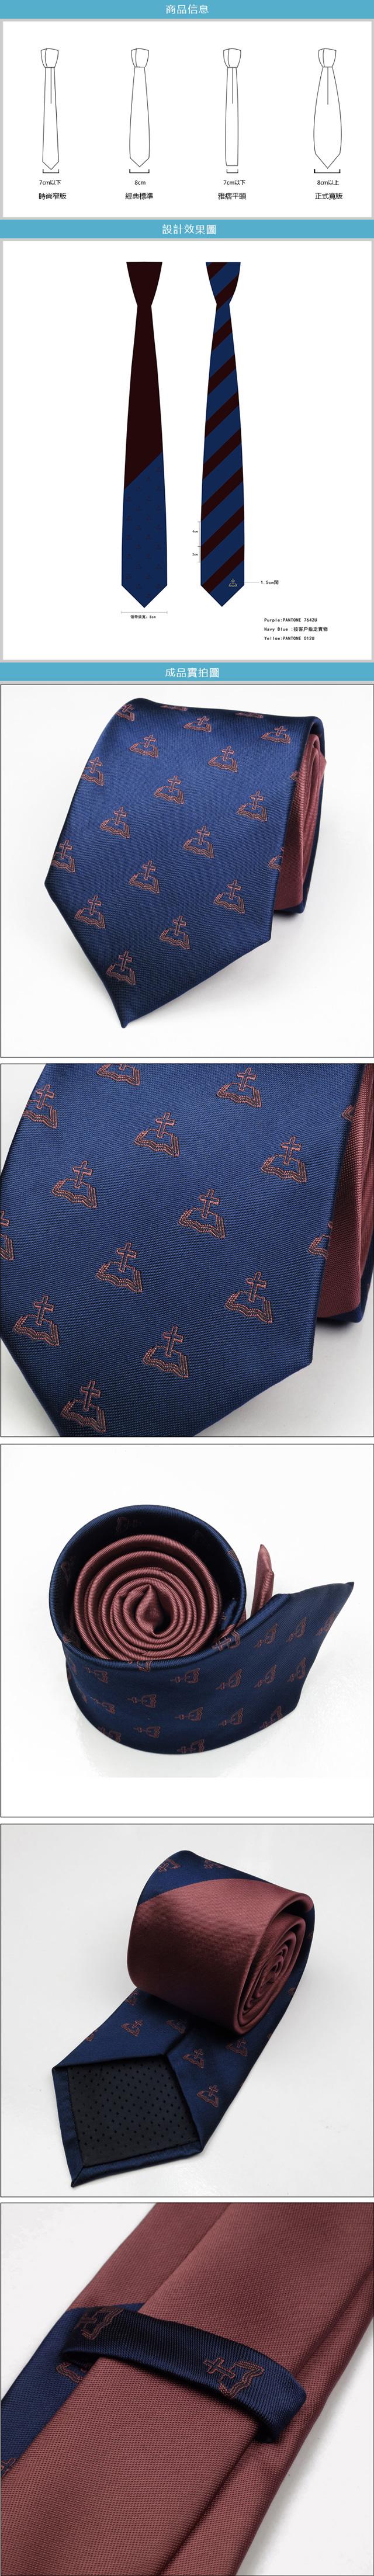 領呔領帶訂造